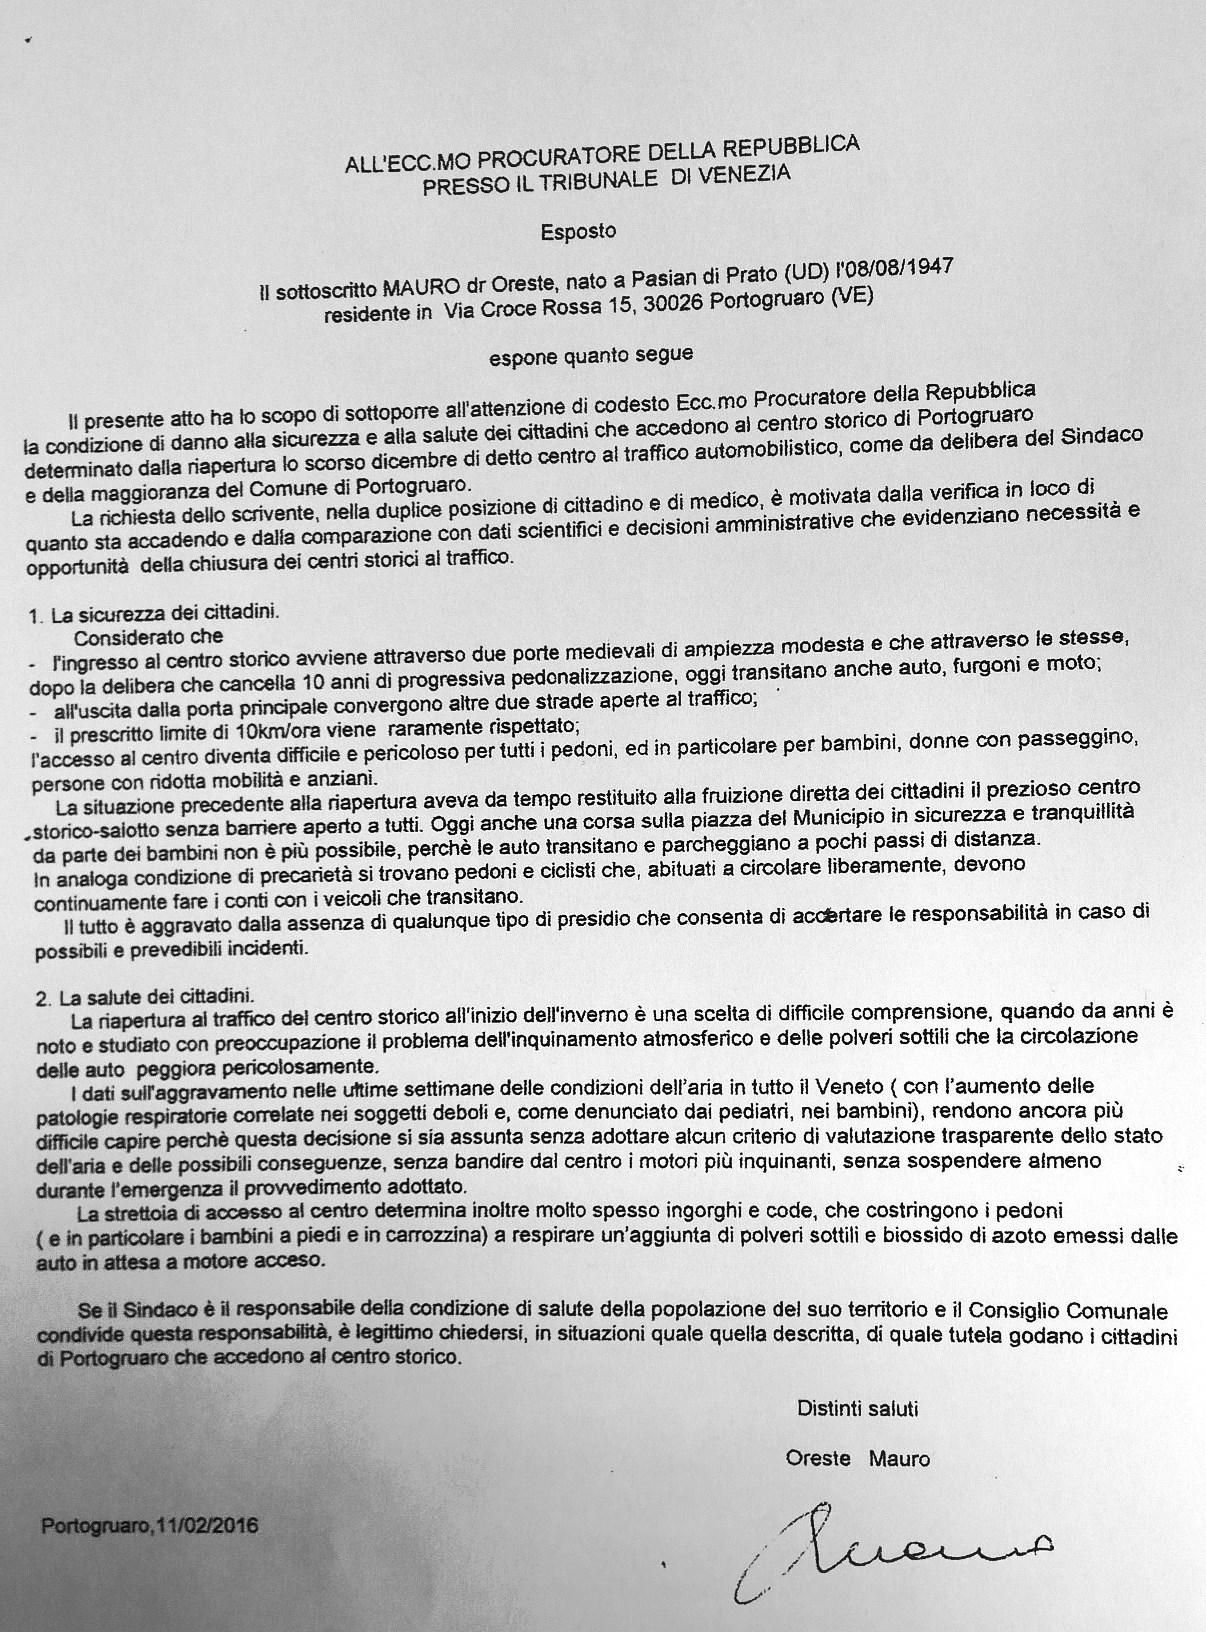 Esposto del dr. Mauro (11 febbraio 2016)